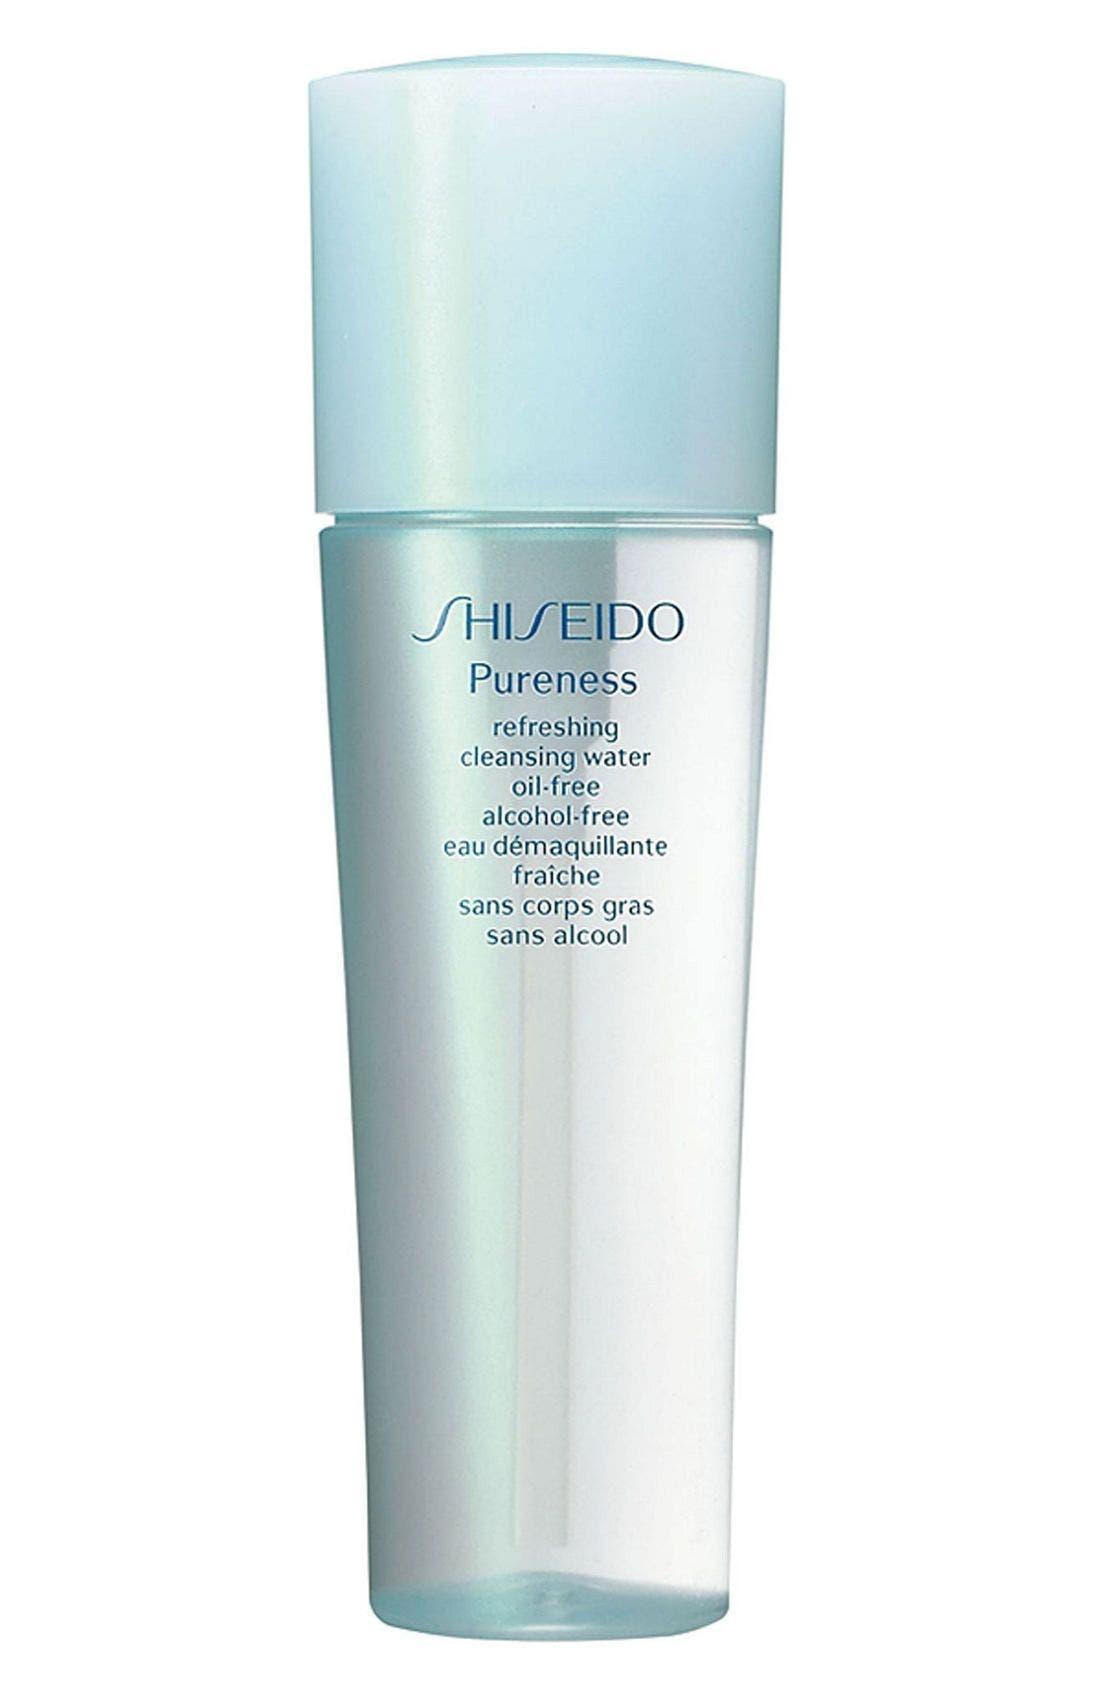 Shiseido 'Pureness' Refreshing Cleansing Water